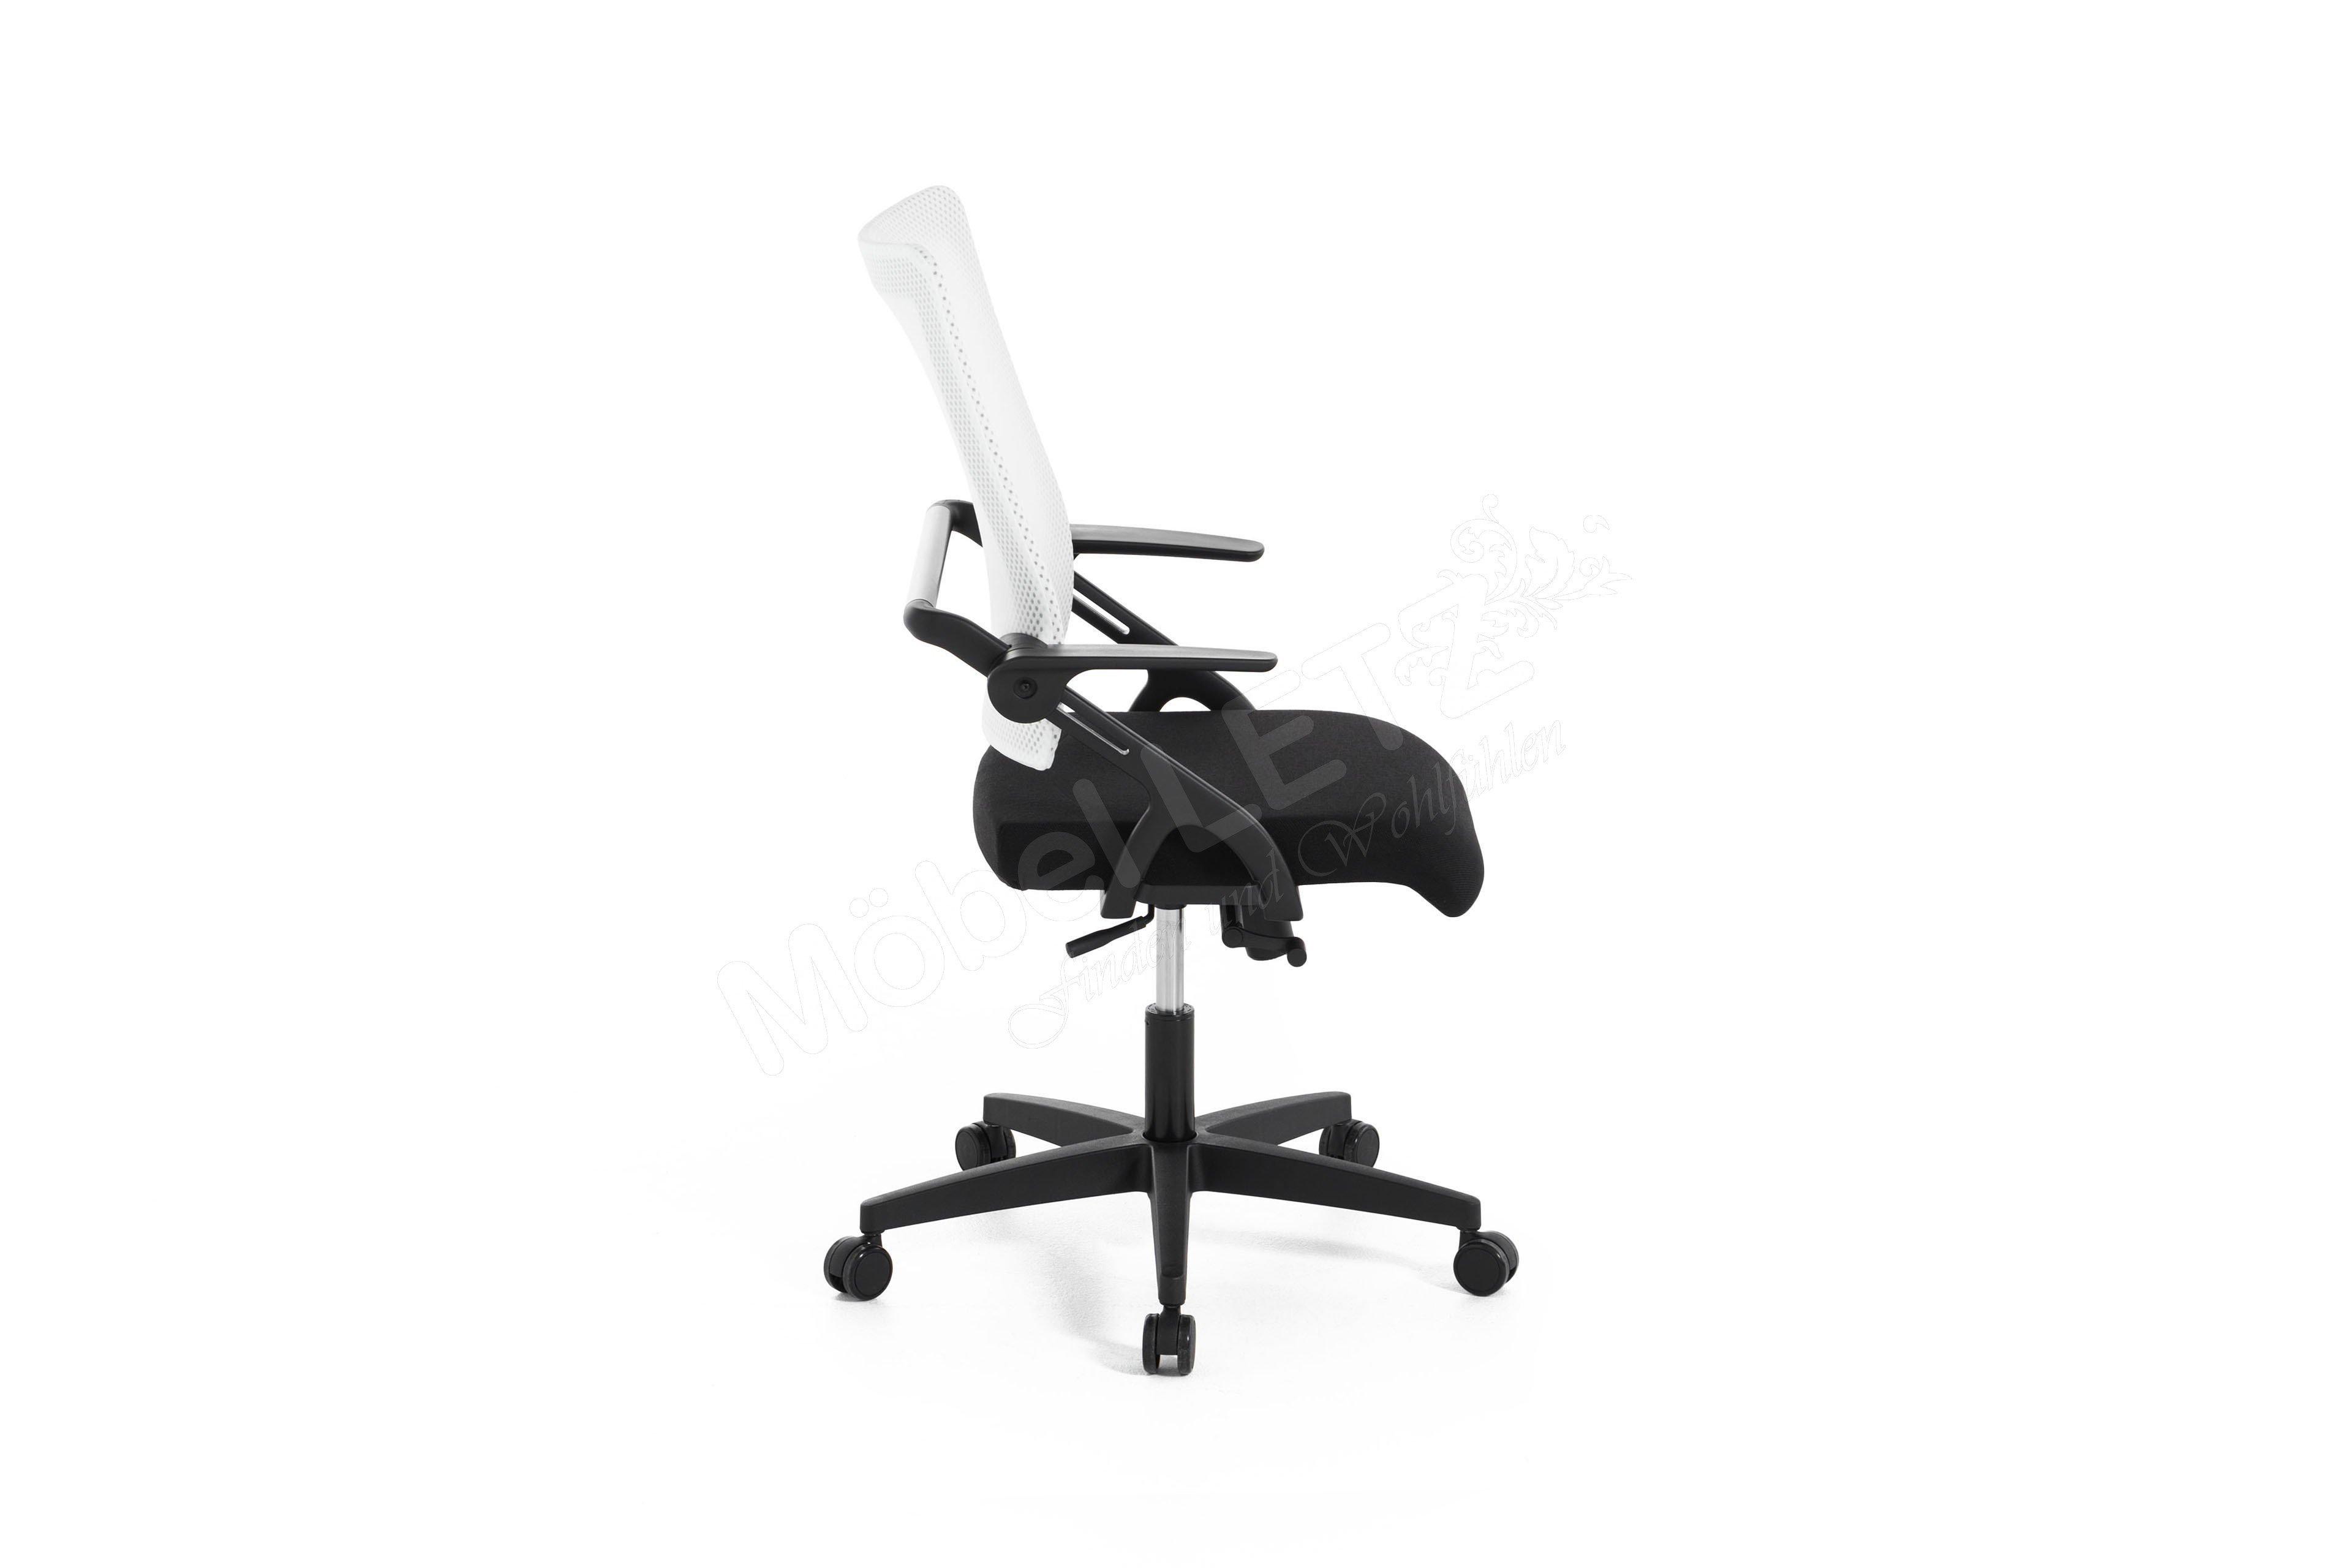 Drehstuhl weiß schwarz  Drehstuhl Linea 35 weiß/ schwarz von Topstar | Möbel Letz - Ihr ...